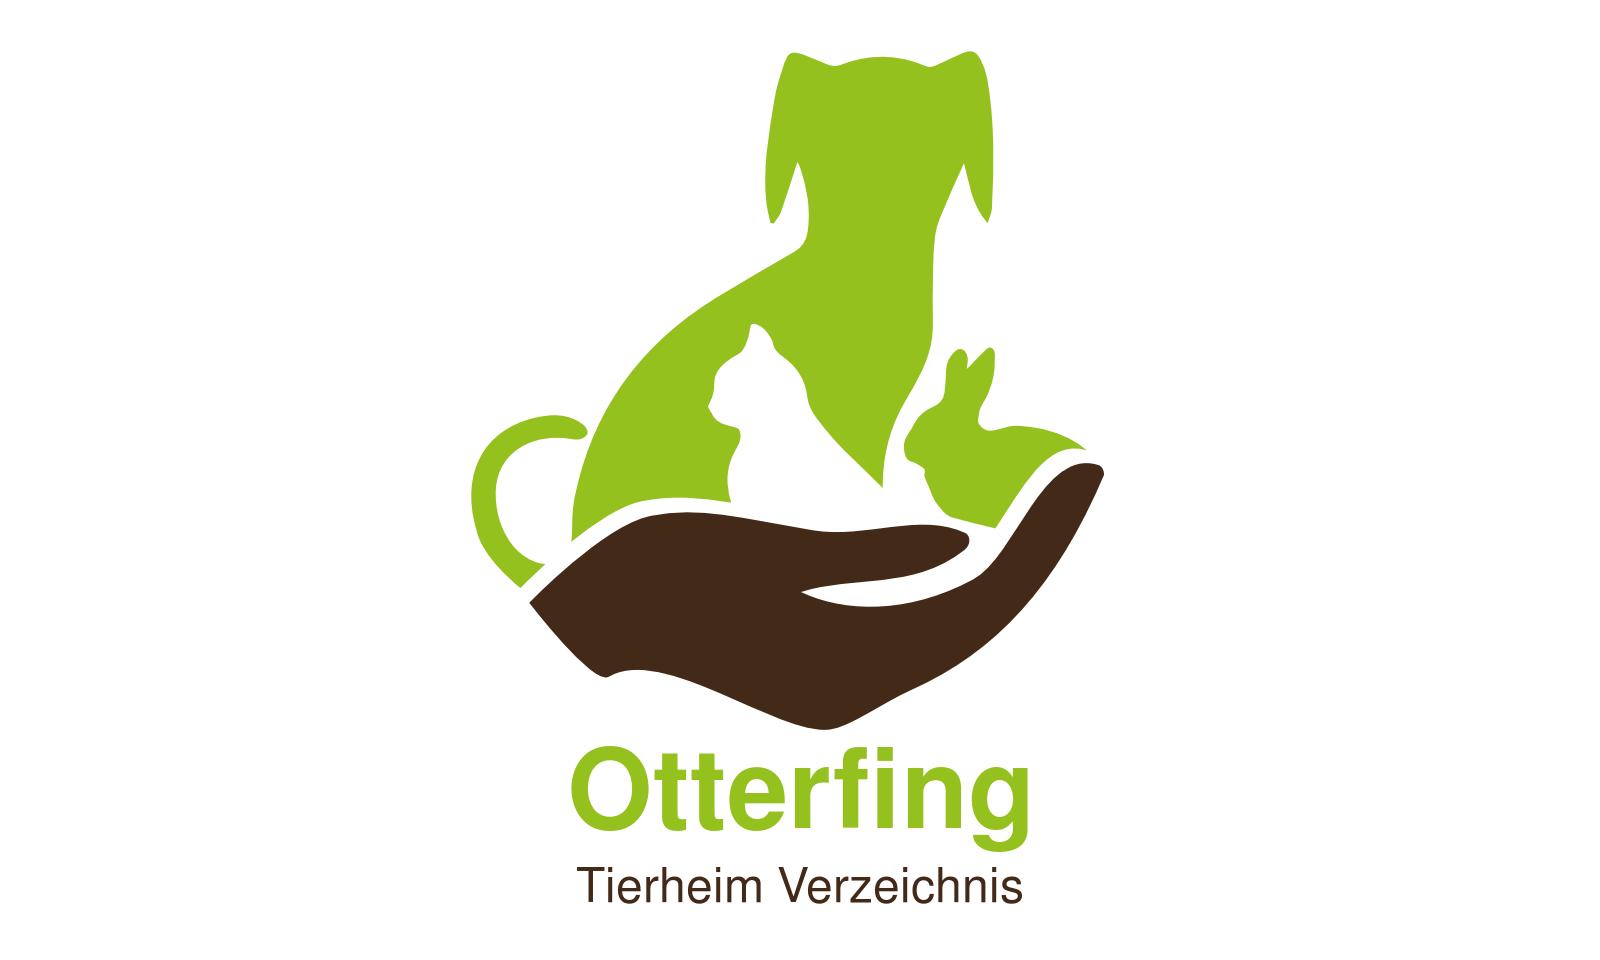 Tierheim Otterfing